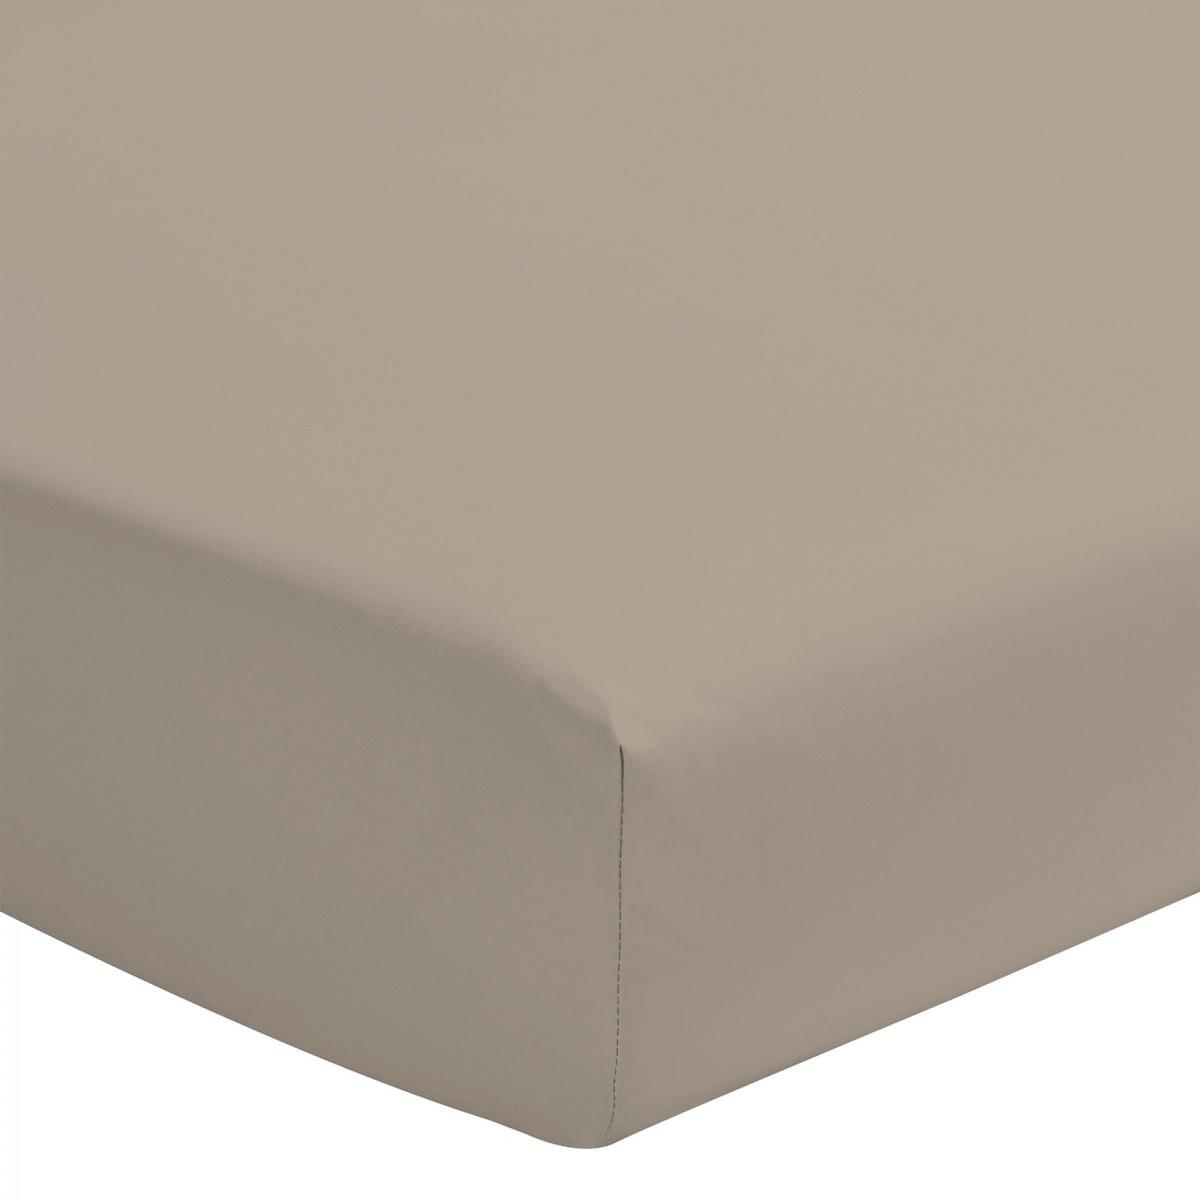 Drap housse percale de coton - Bonnet 30cm - Beige - 160x200 cm